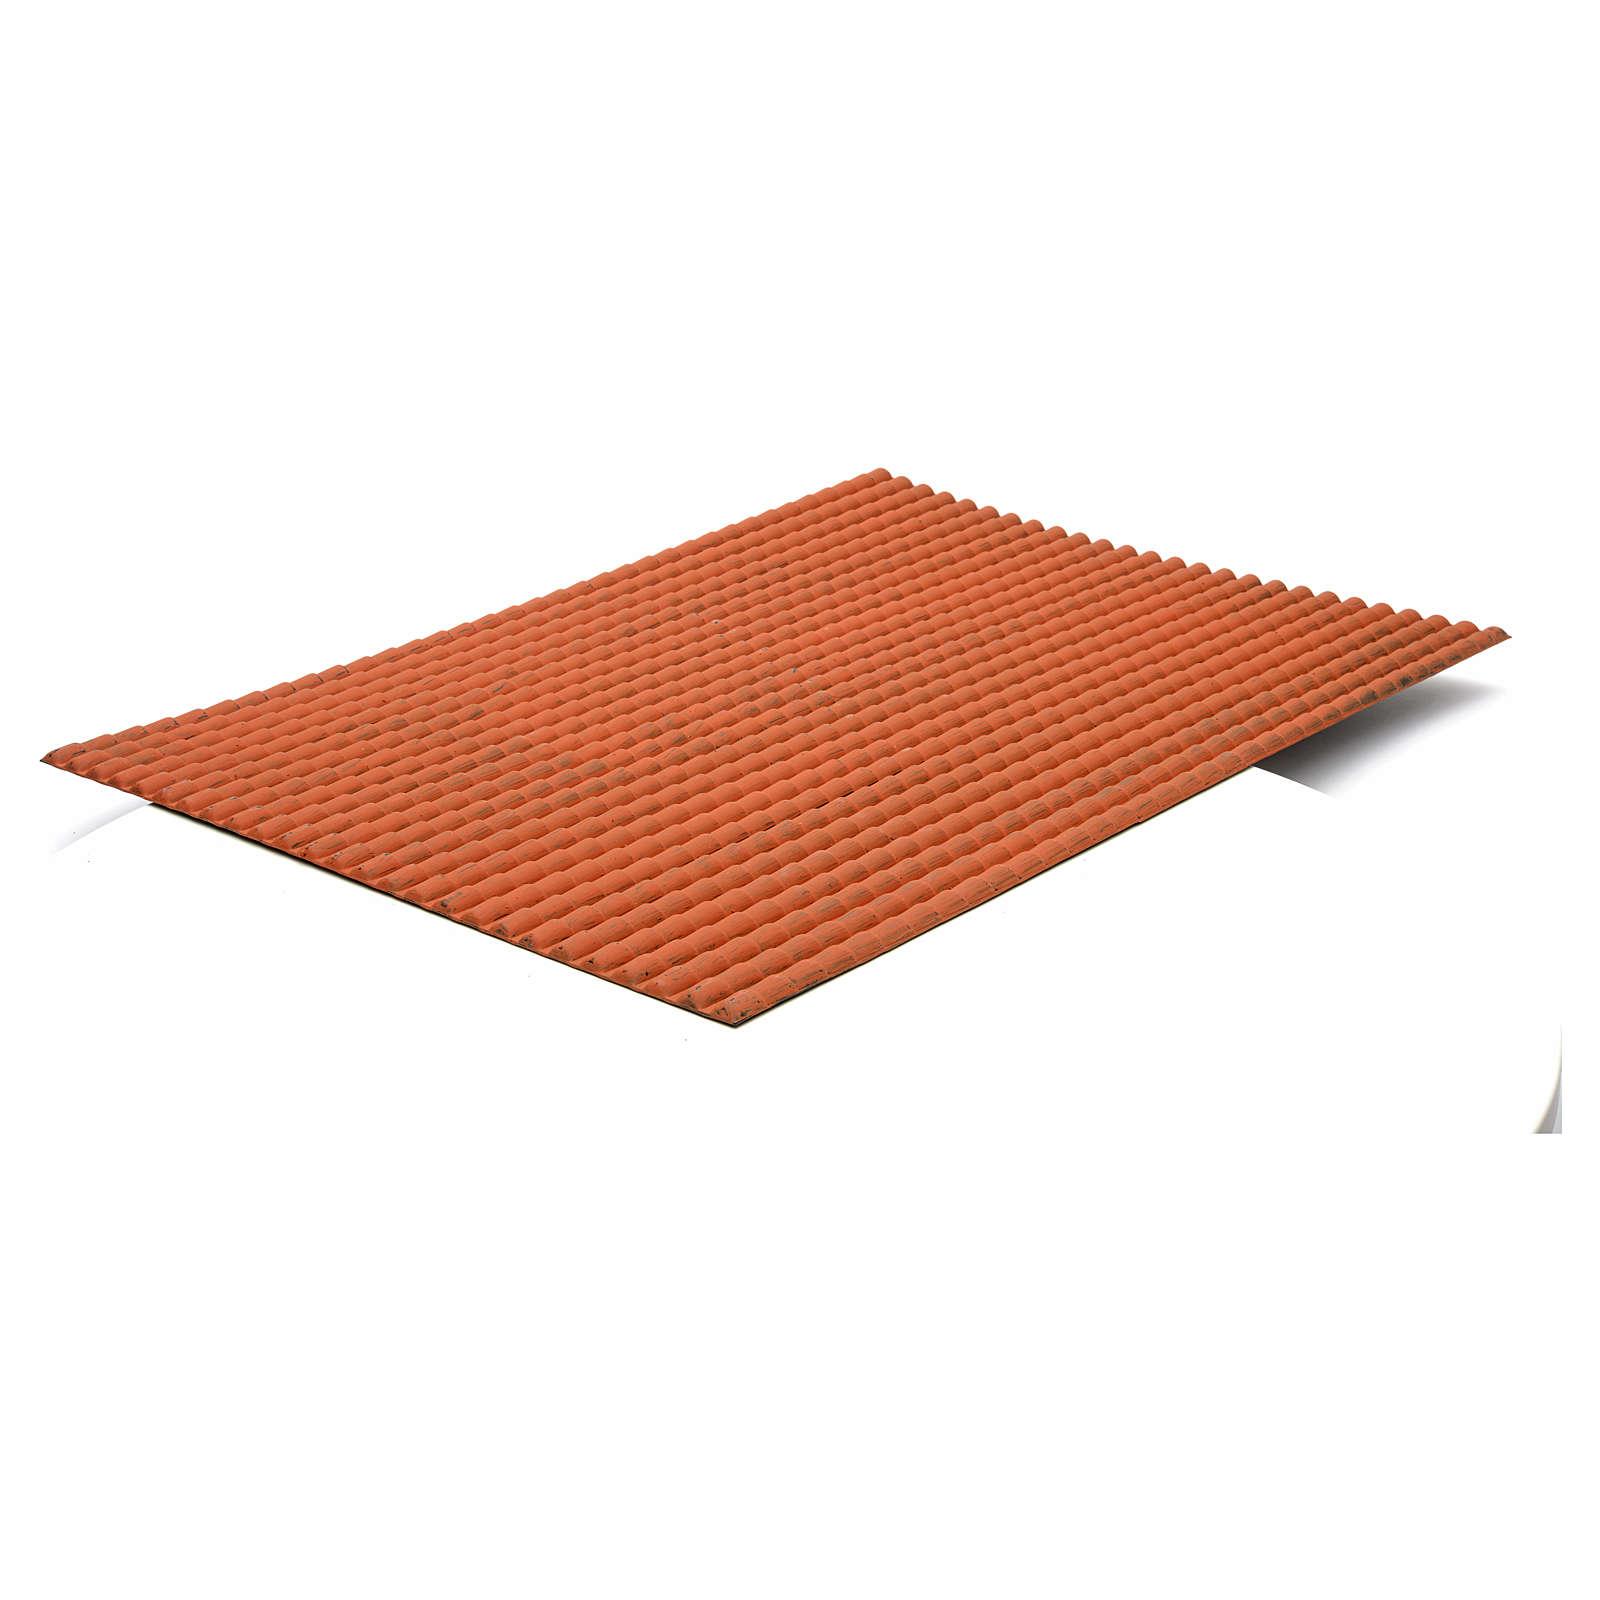 Panel techo presebre grande medidas 70x50cm 4